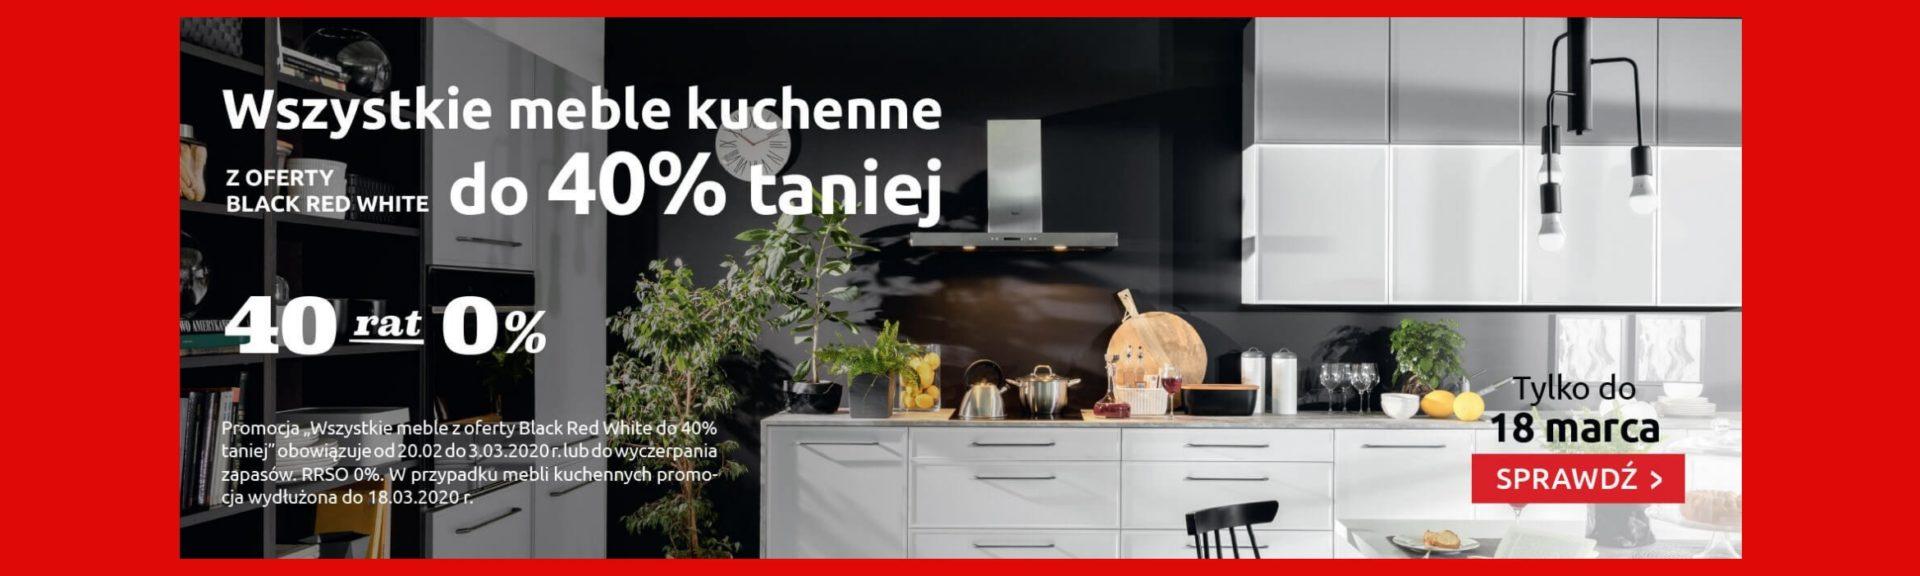 kuchnie taniej do 40%